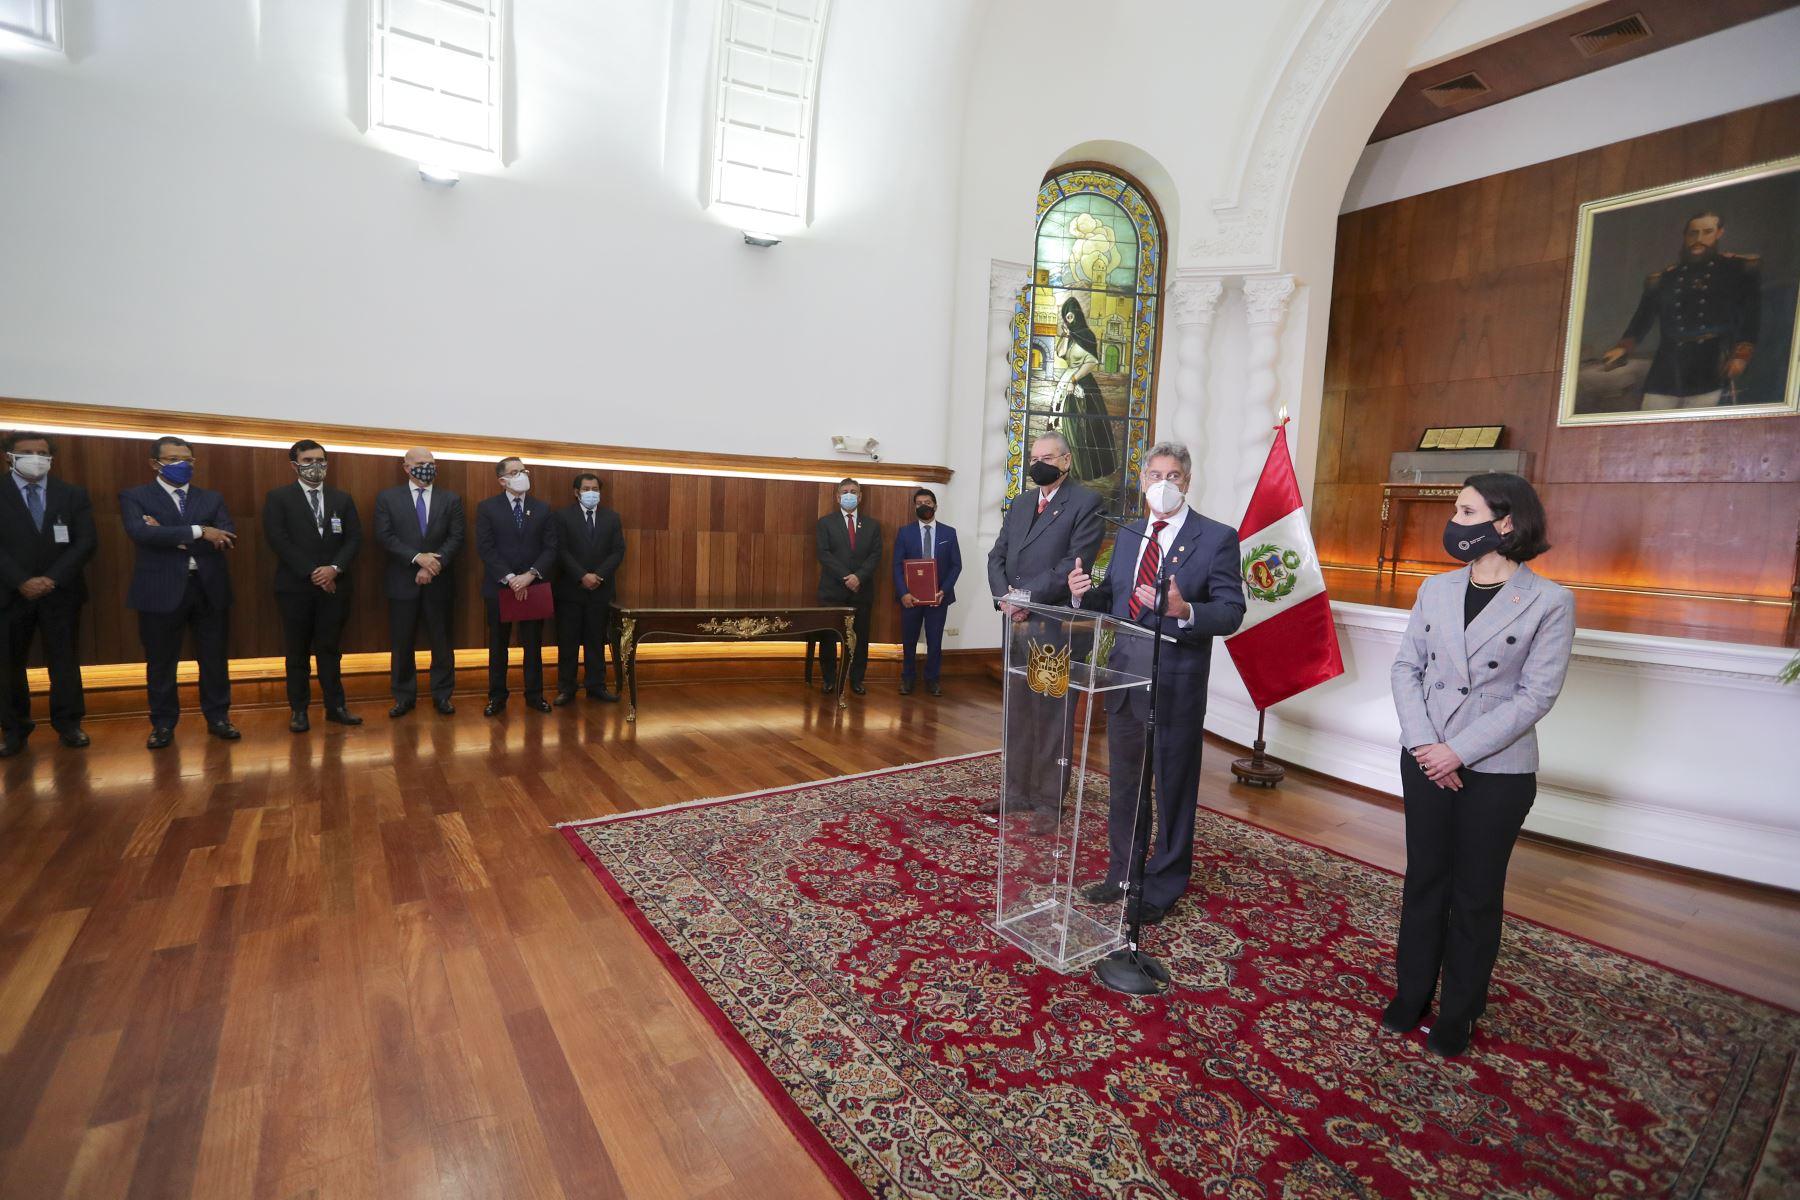 El presidente Francisco Sagasti junto al canciller Allan Wagner y la titular del Mincetur, Claudia Cornejo, lideró la ceremonia de ratificación del Tratado Integral y Progresista de Asociación Transpacífico. Foto: ANDINA/Prensa Presidencia